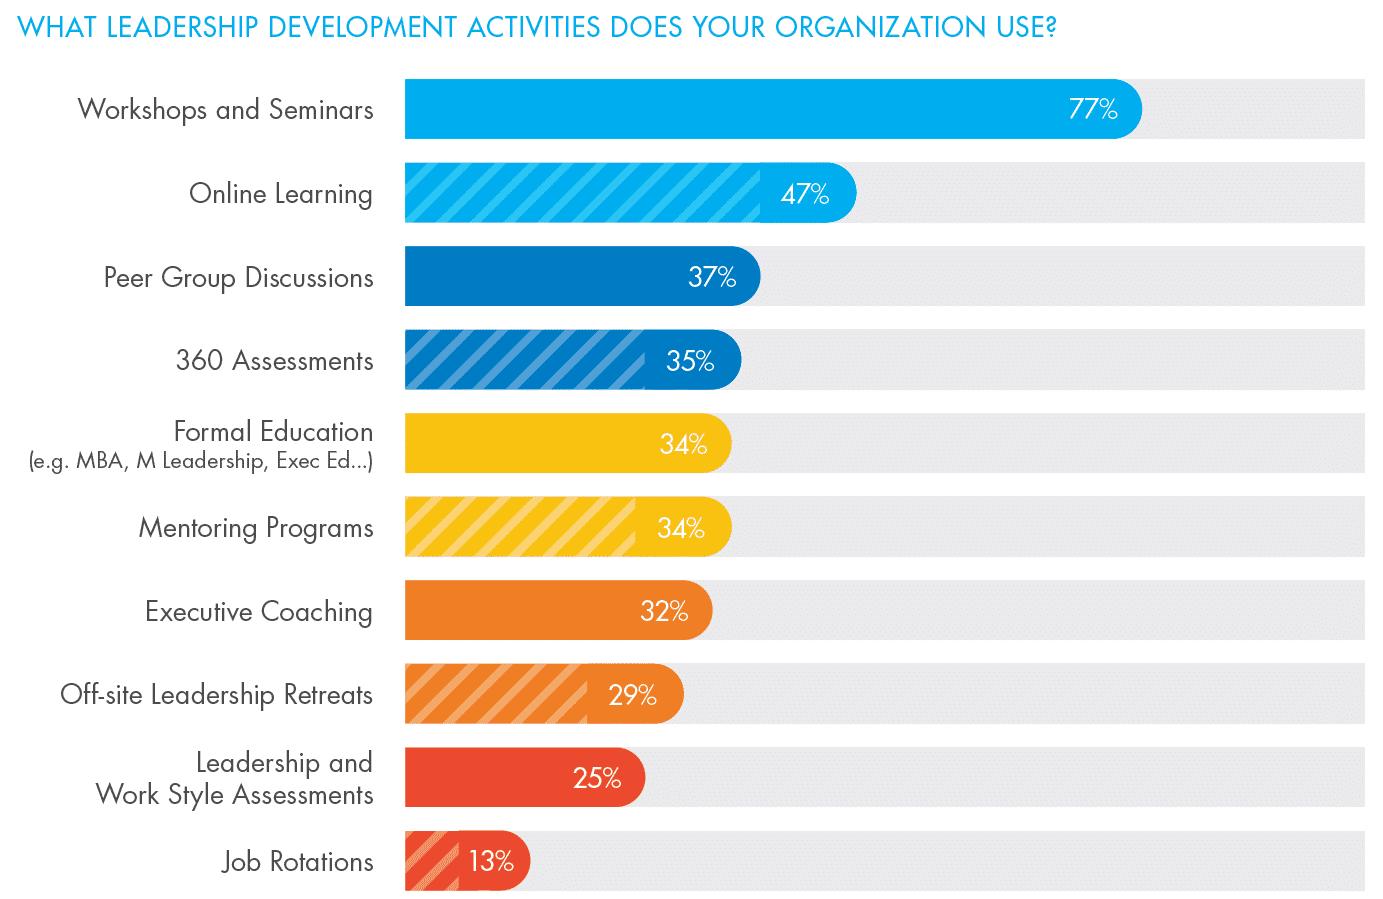 Leadership Development Activities